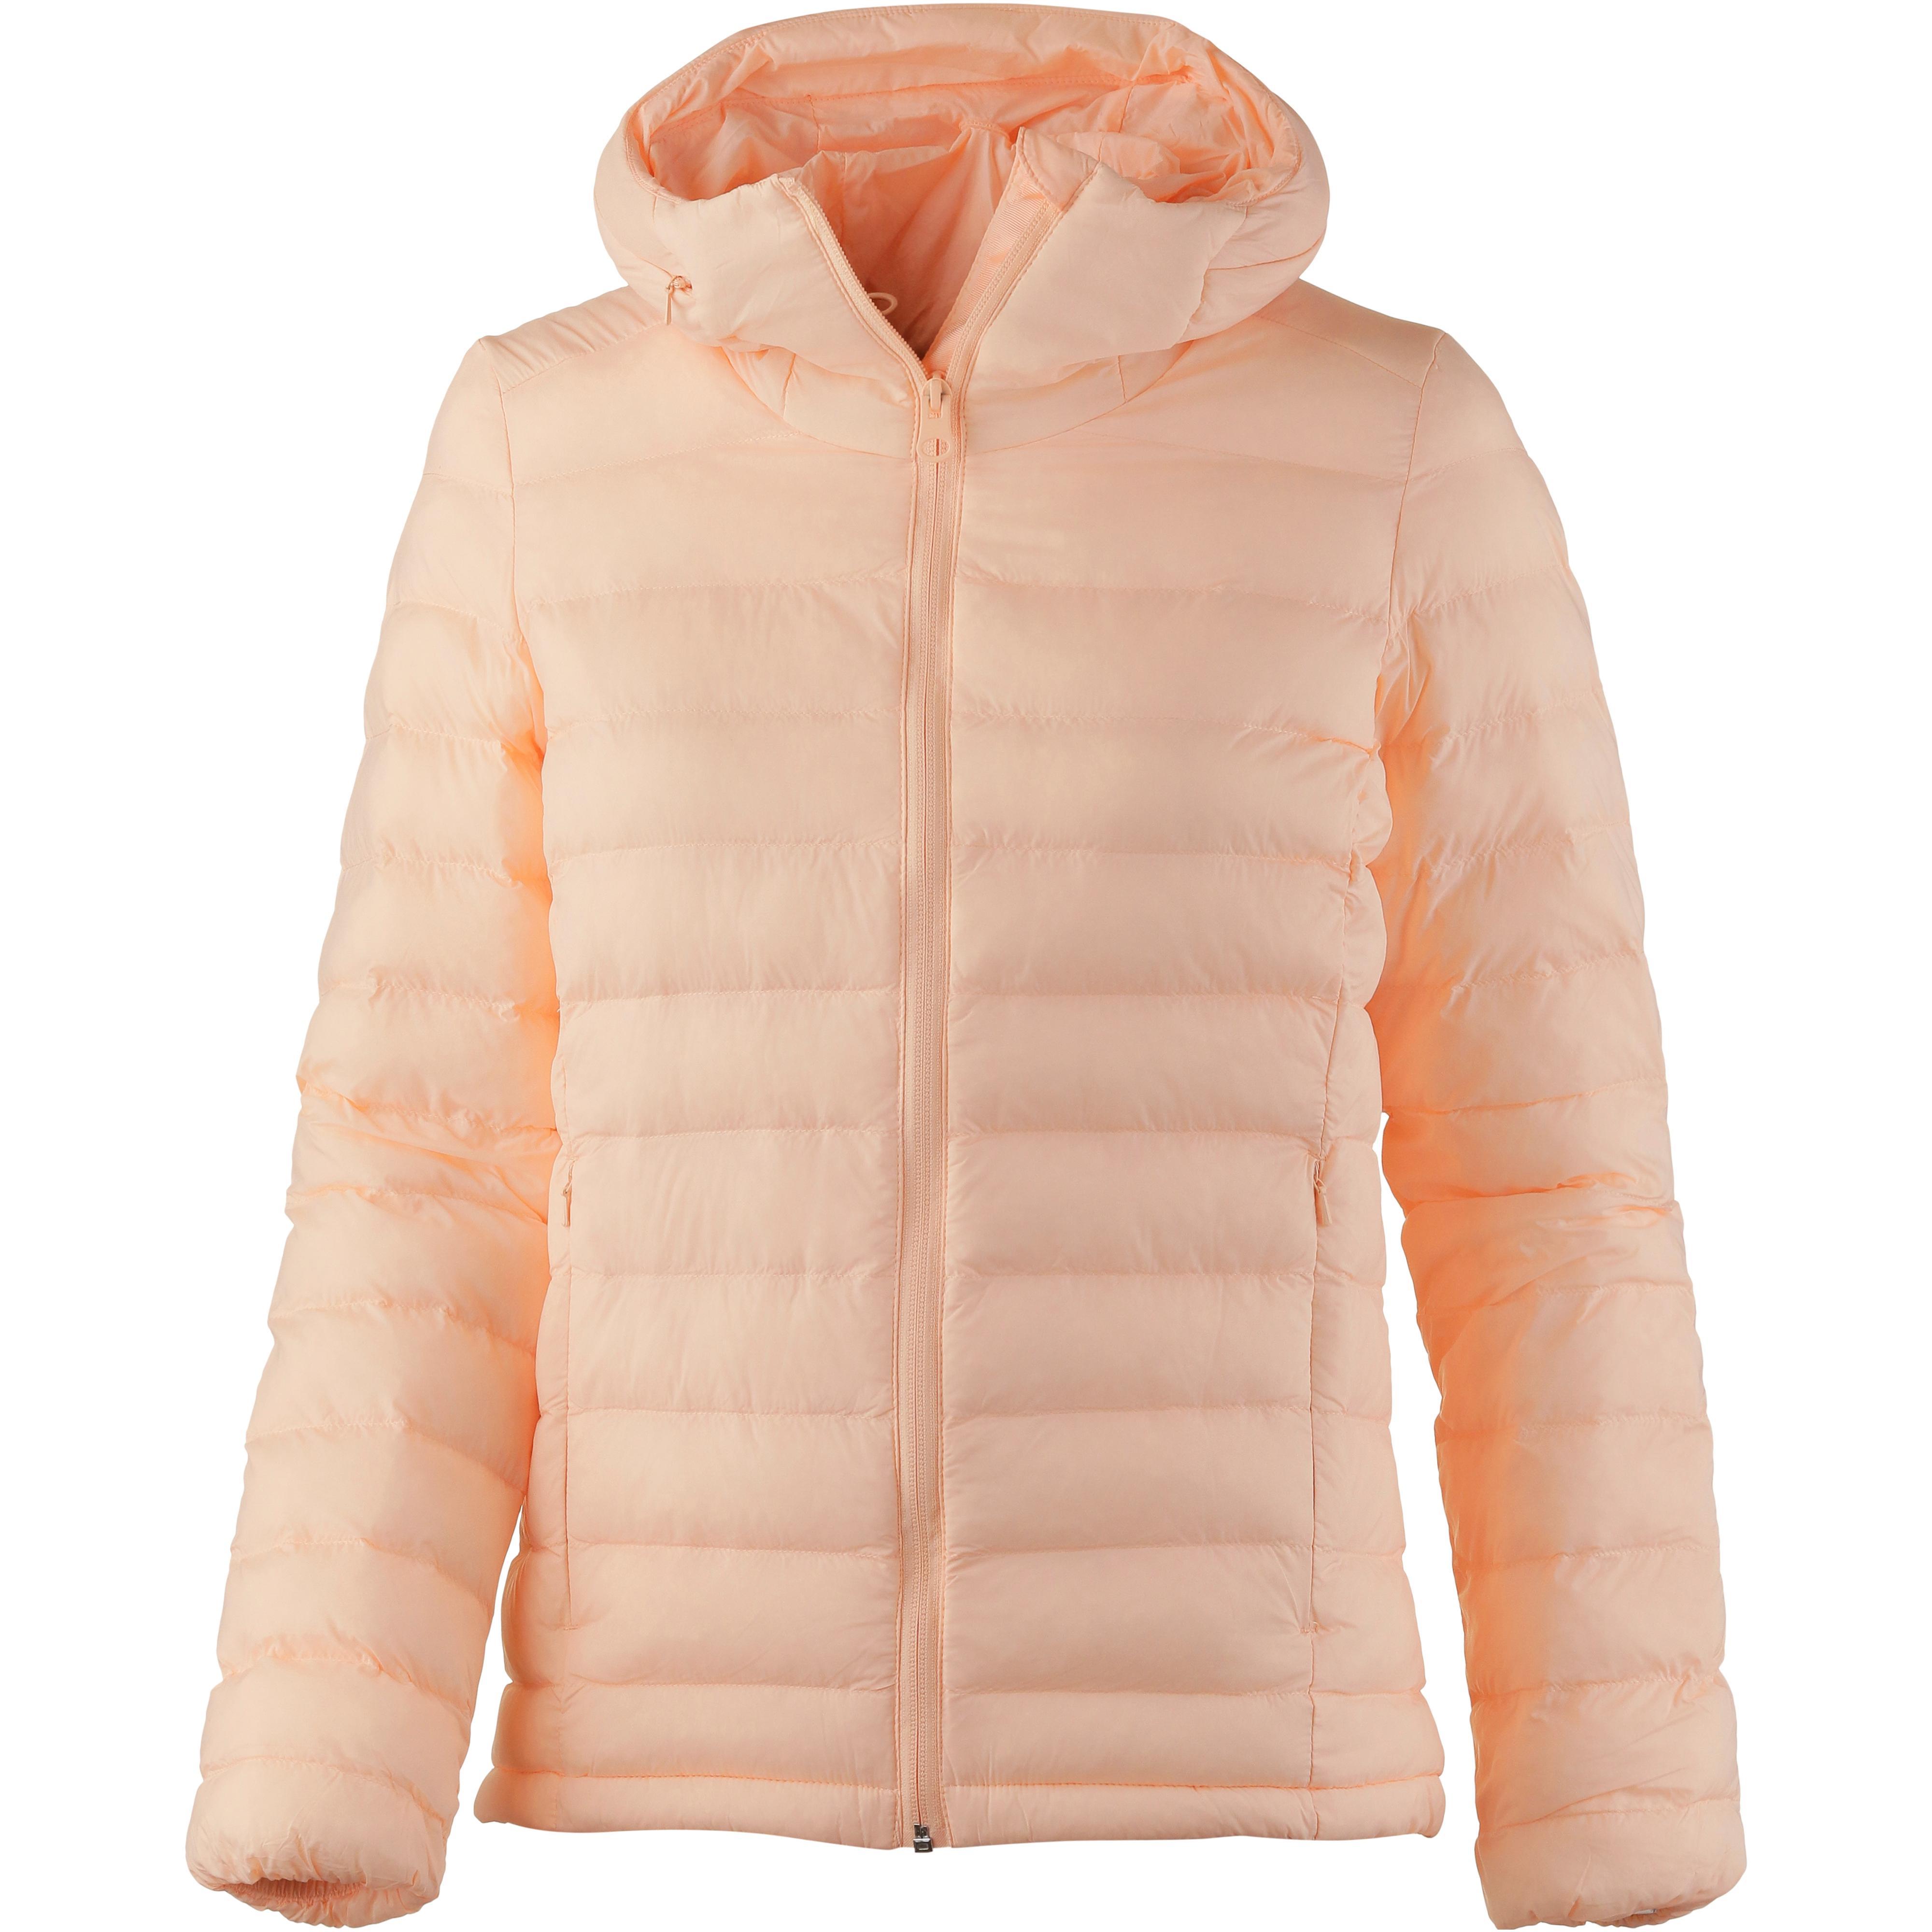 Online Von Steppjacke Damen Shop Apricot Im Scheck Kaufen Sportscheck n0kwOPN8ZX